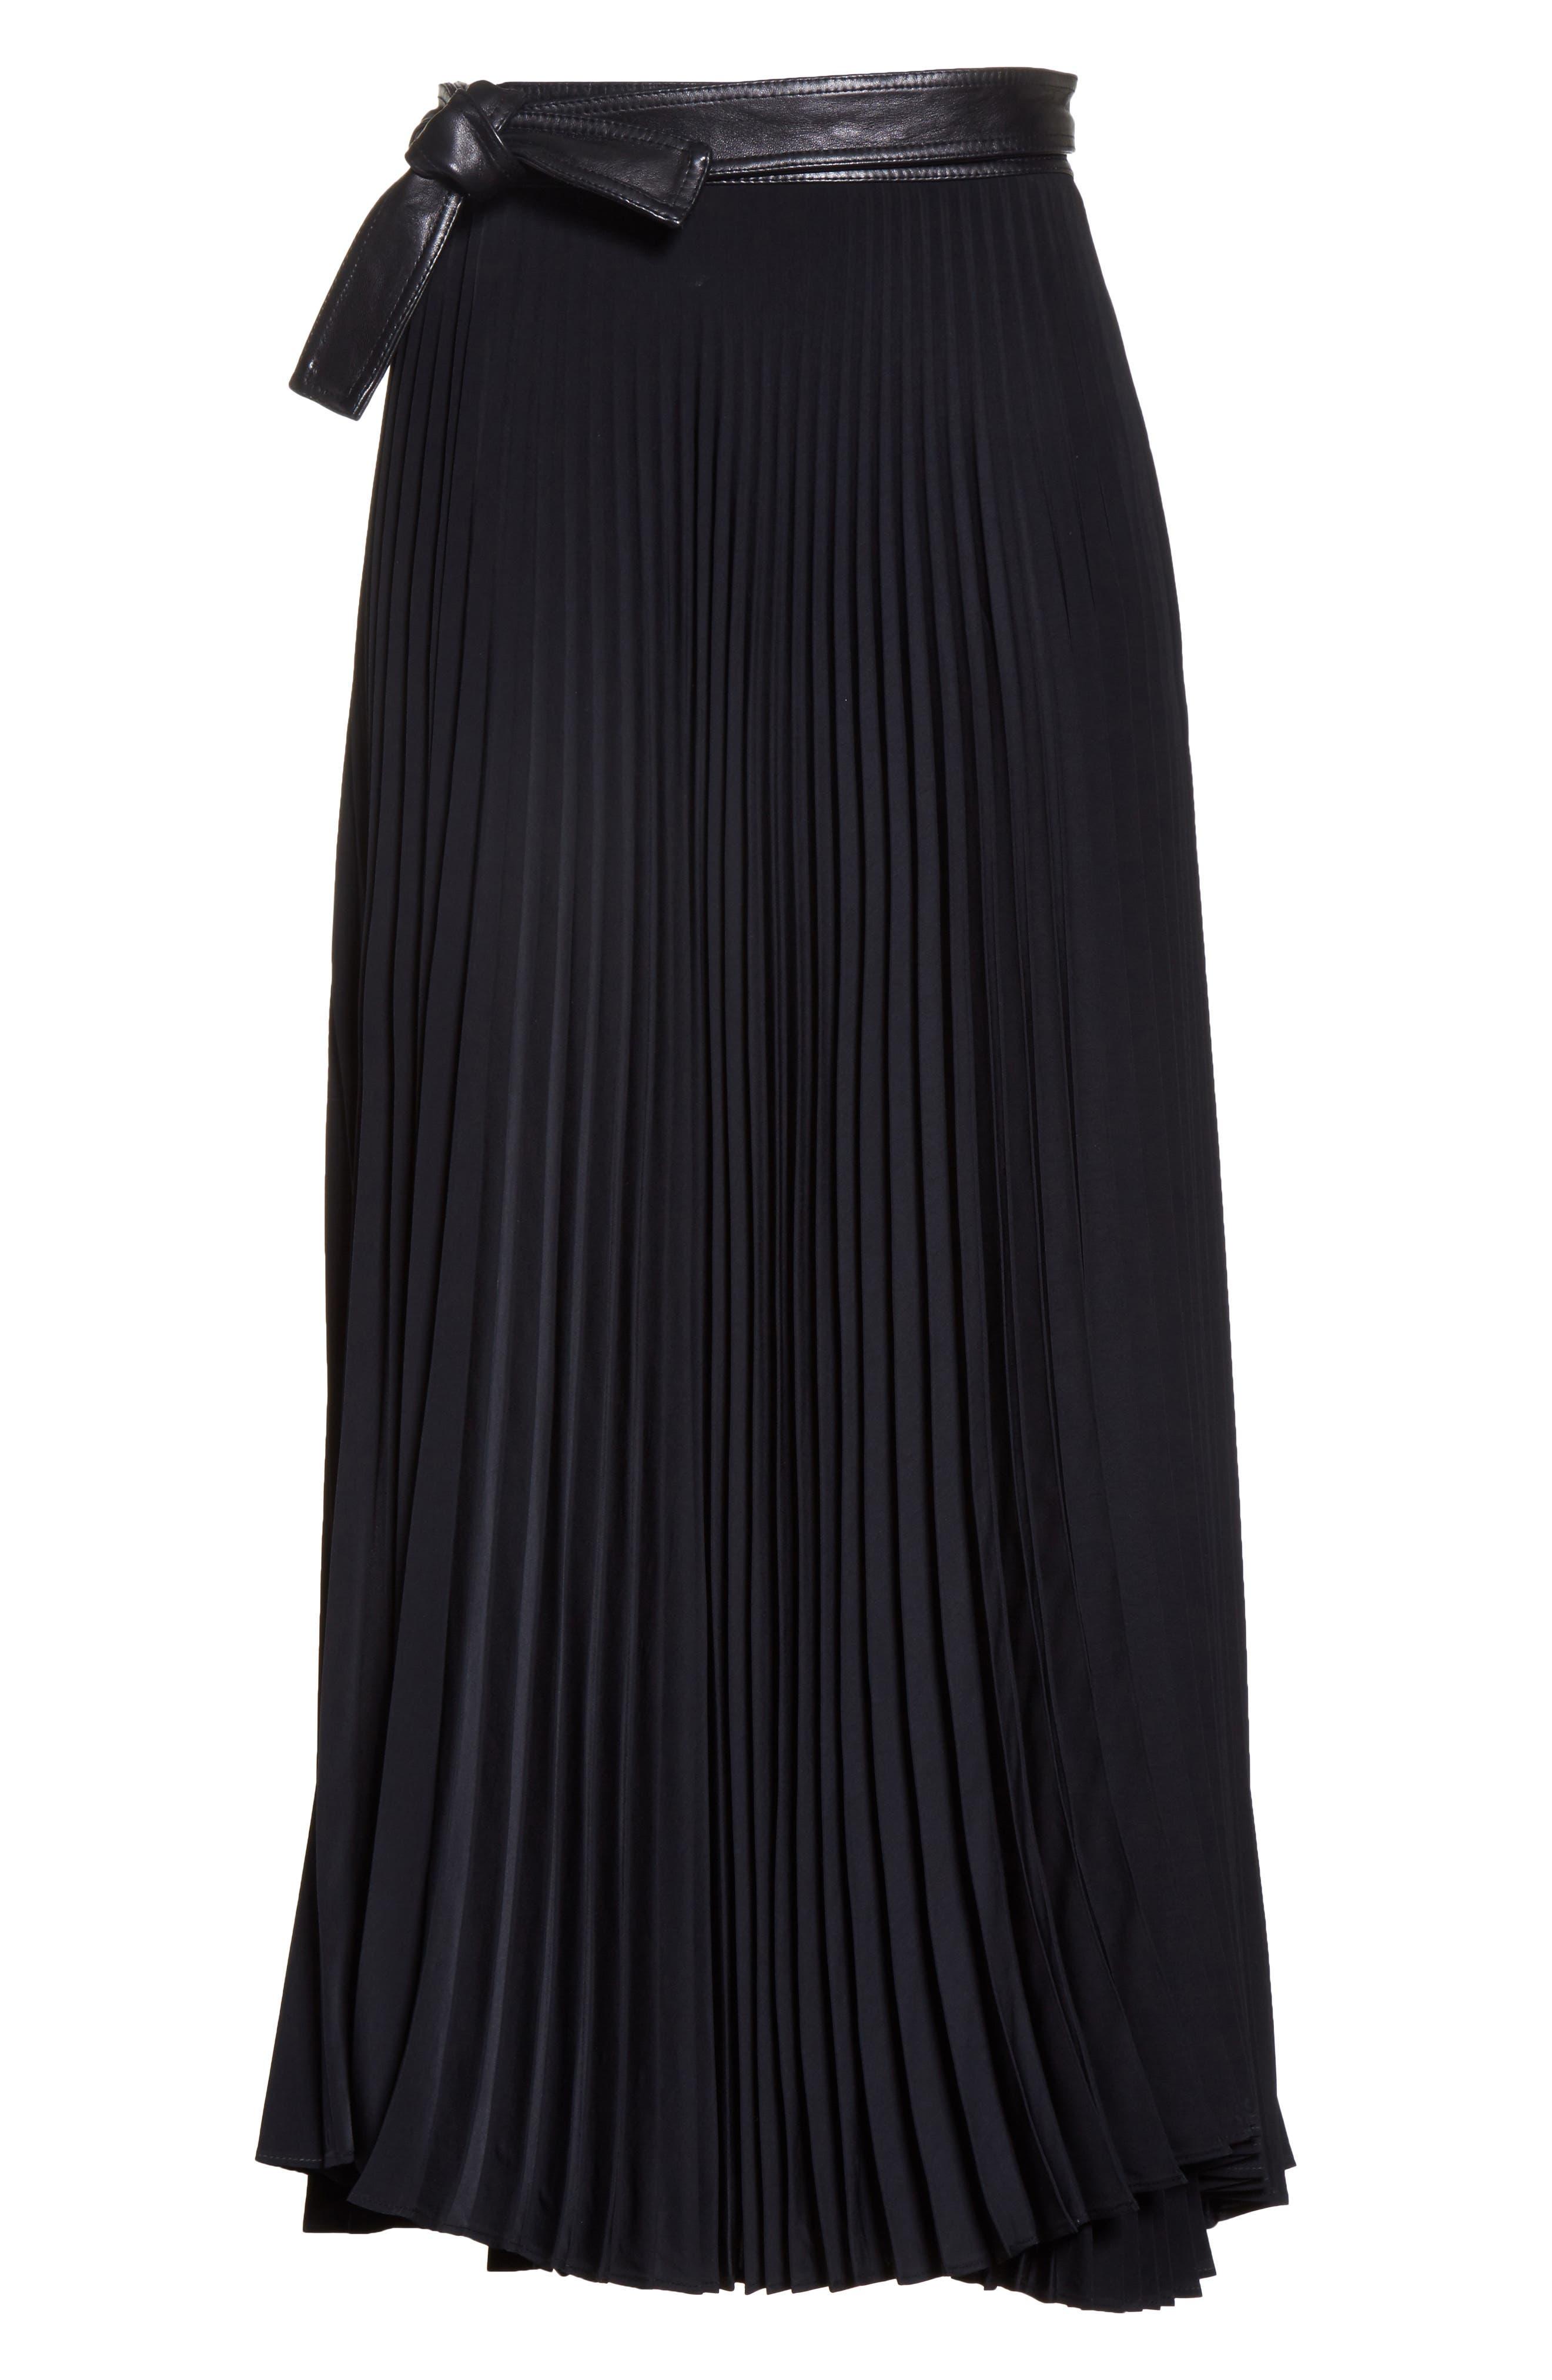 Anika Leather Trim Pleated Midi Skirt,                             Alternate thumbnail 7, color,                             Black